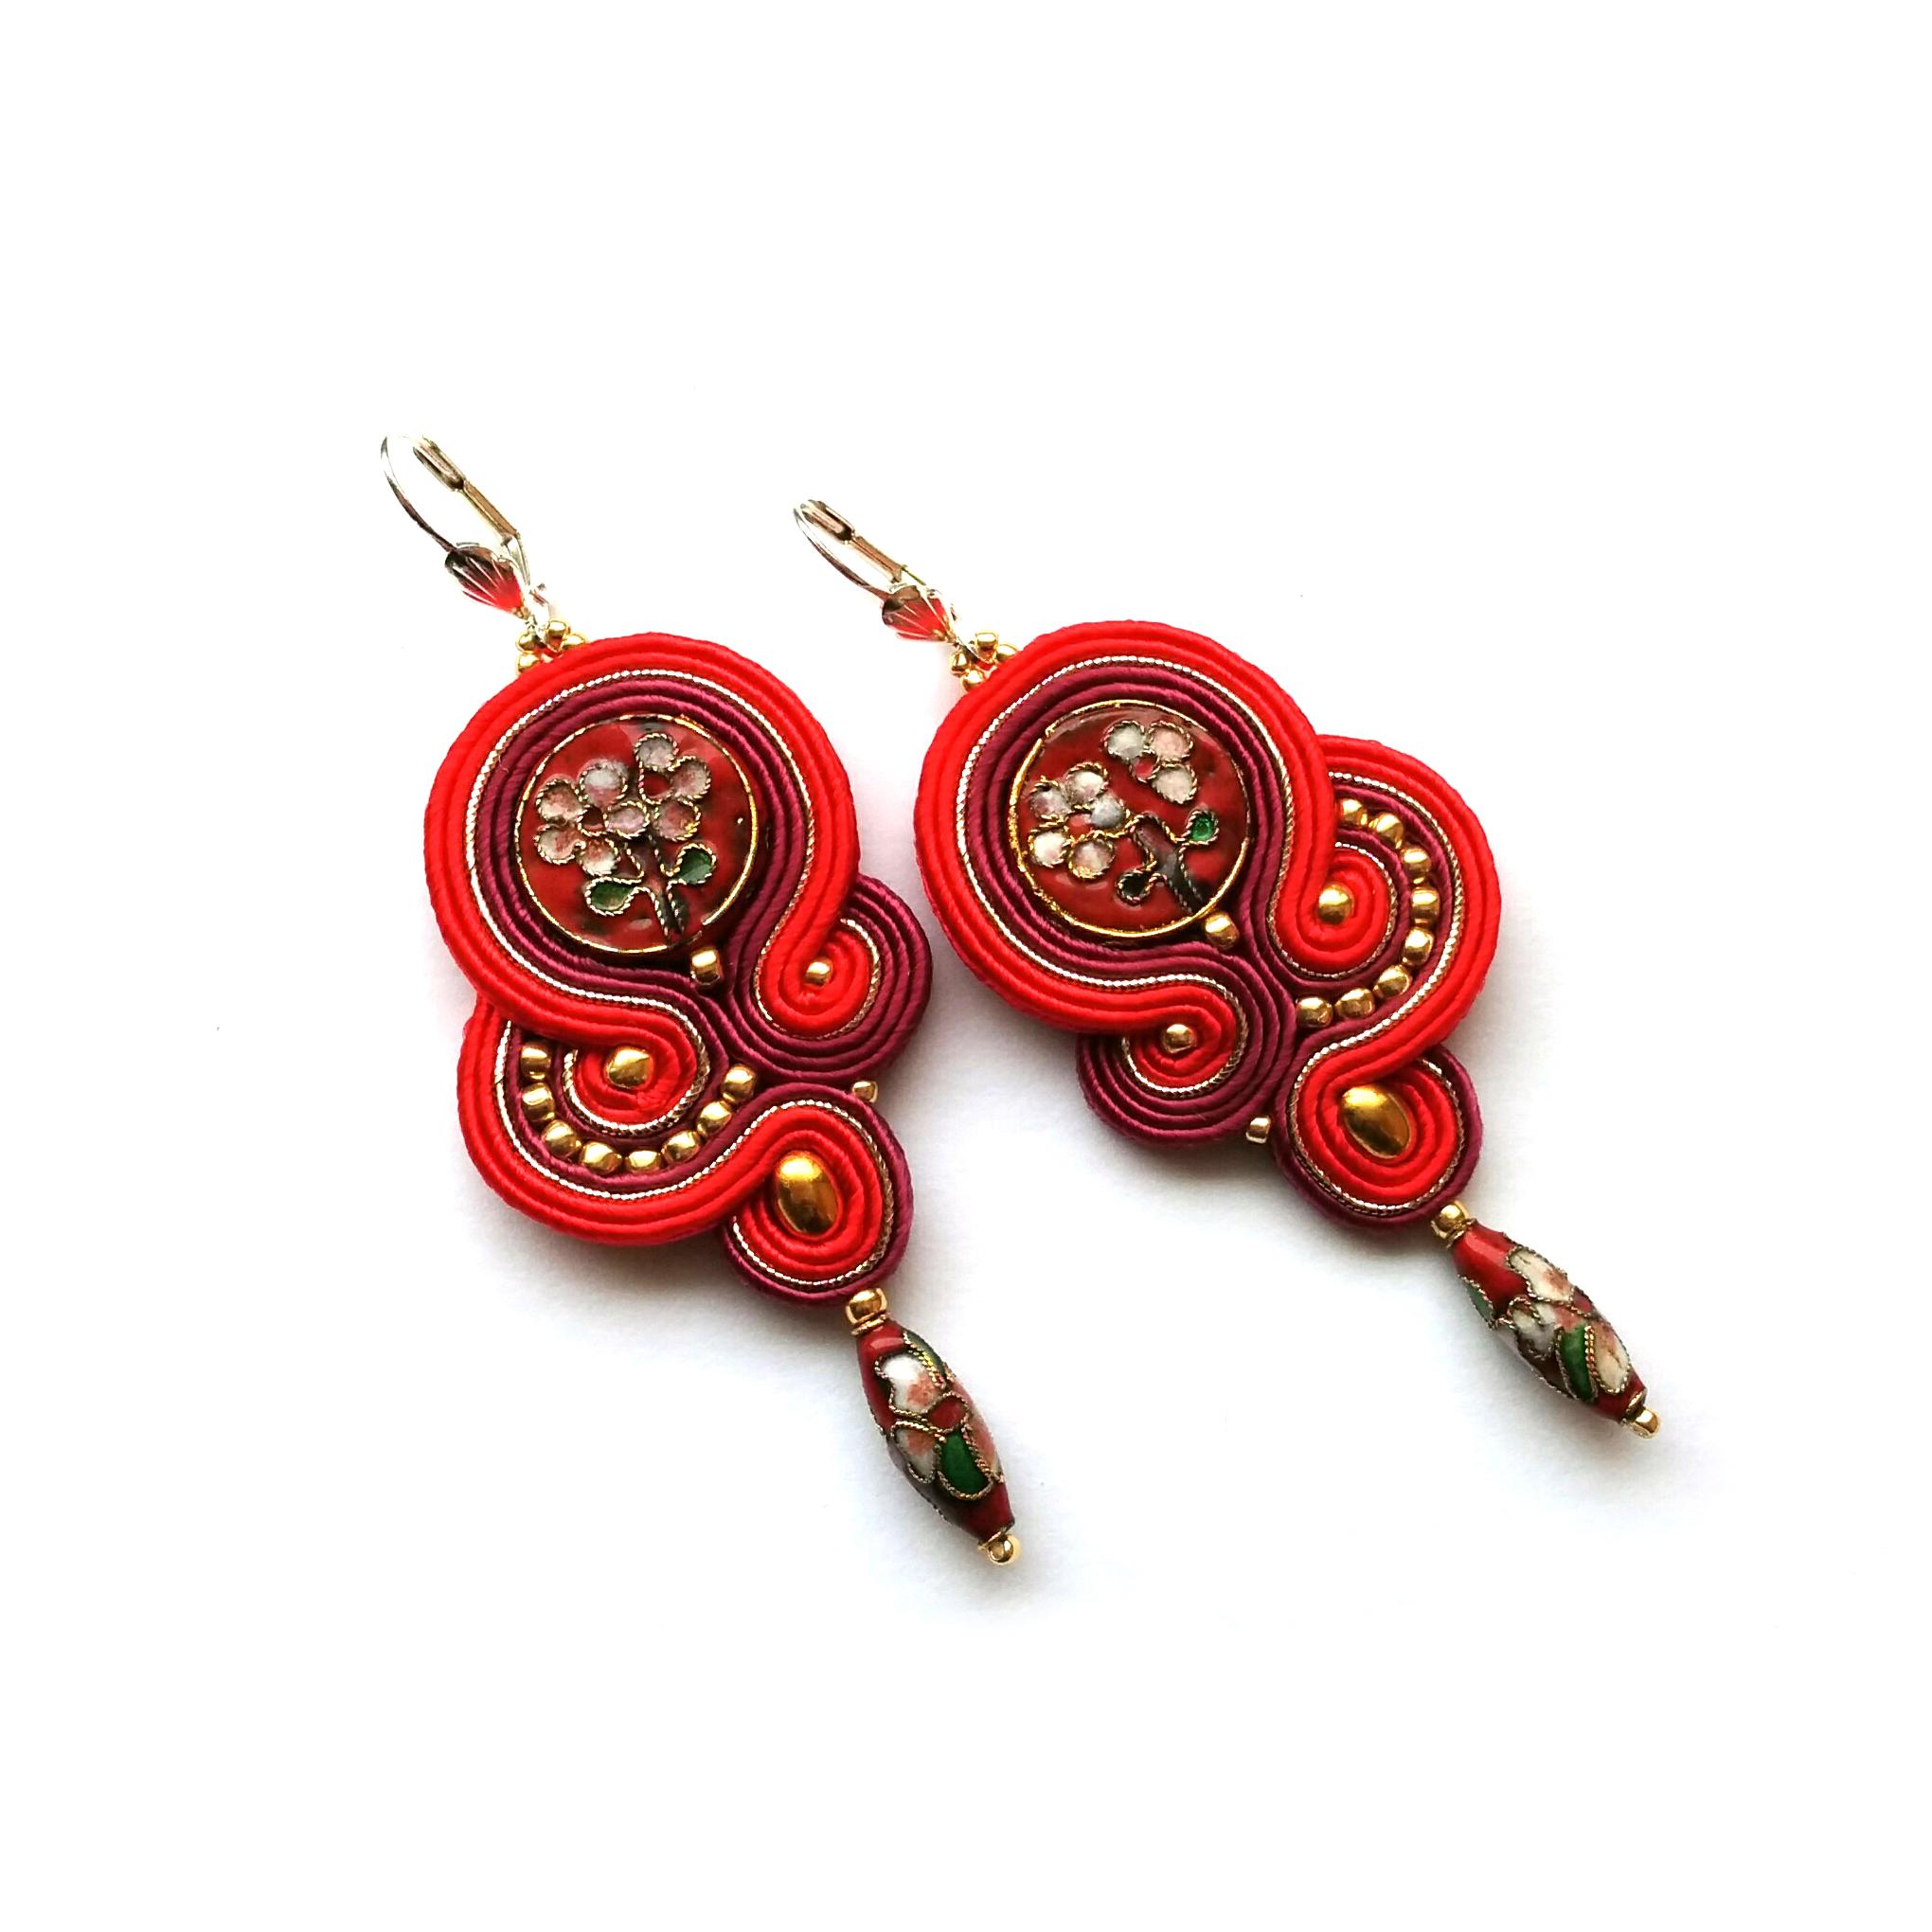 Soutache Earrings – Statement Earrings